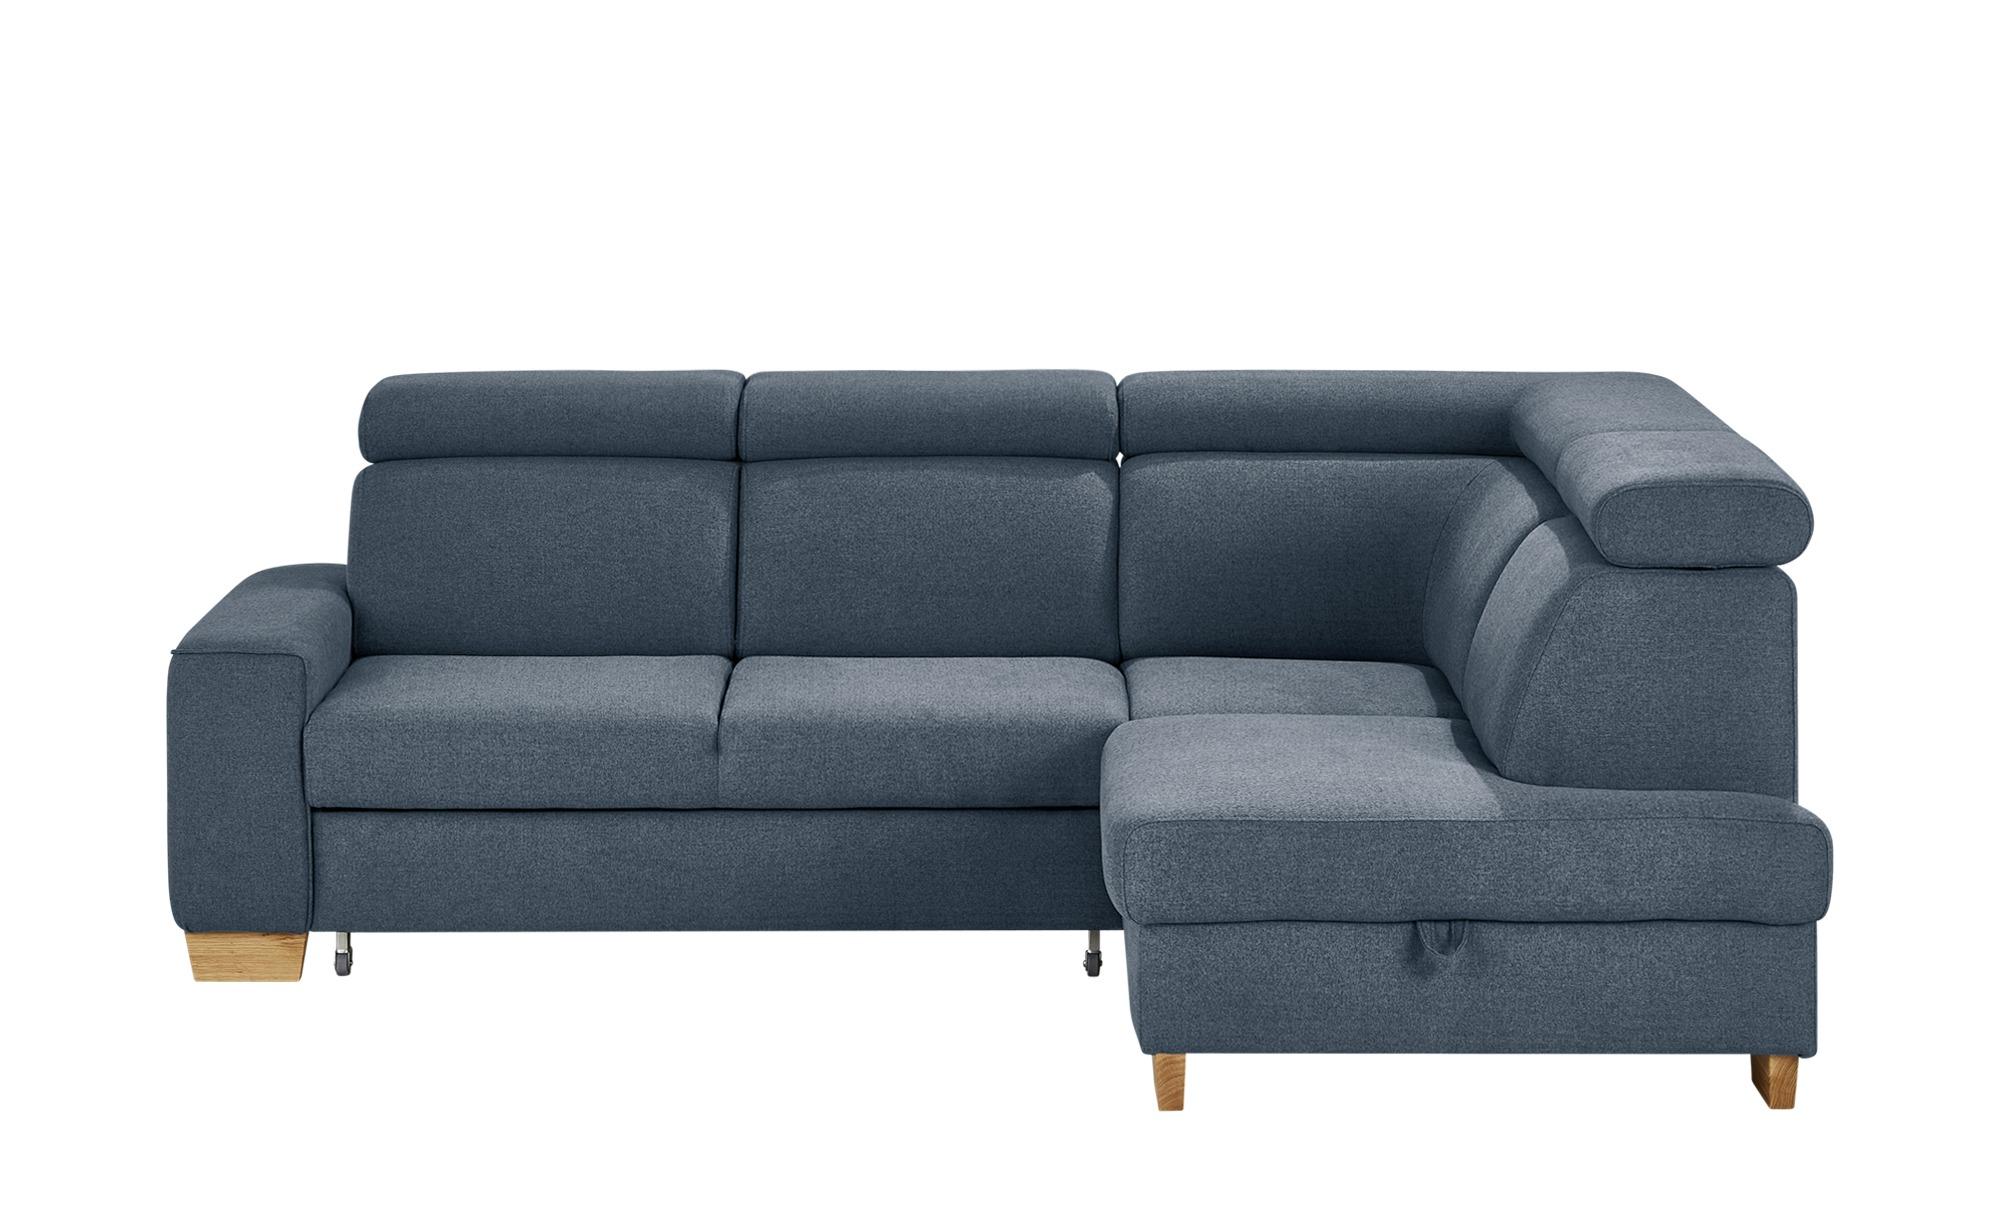 Full Size of Sofa Blau Switch Ecksofa Webstoff Bardo Mae Cm H 90 3er Grau U Form Garten Le Corbusier Mit Verstellbarer Sitztiefe Ewald Schillig 2 Sitzer Relaxfunktion Xxl Sofa Sofa Blau